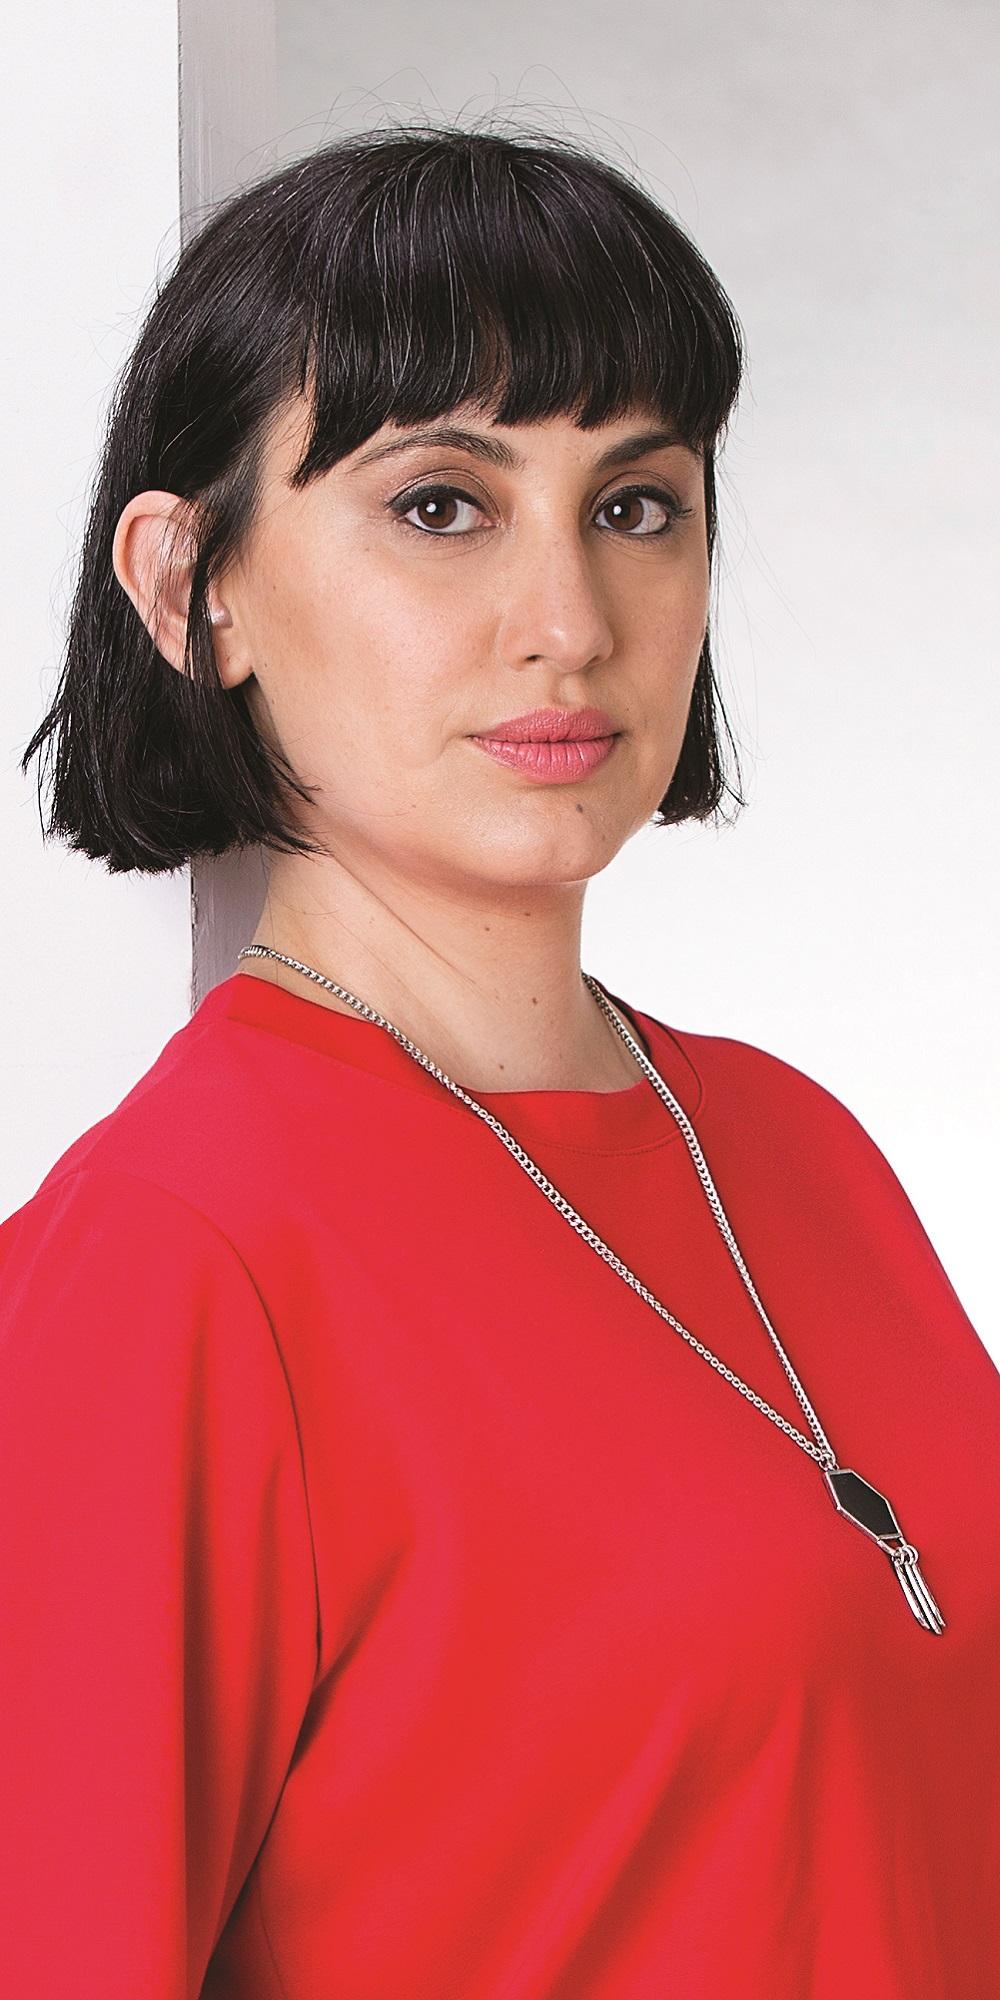 קרינה אודינייב | צילום: ענבל מרמרי